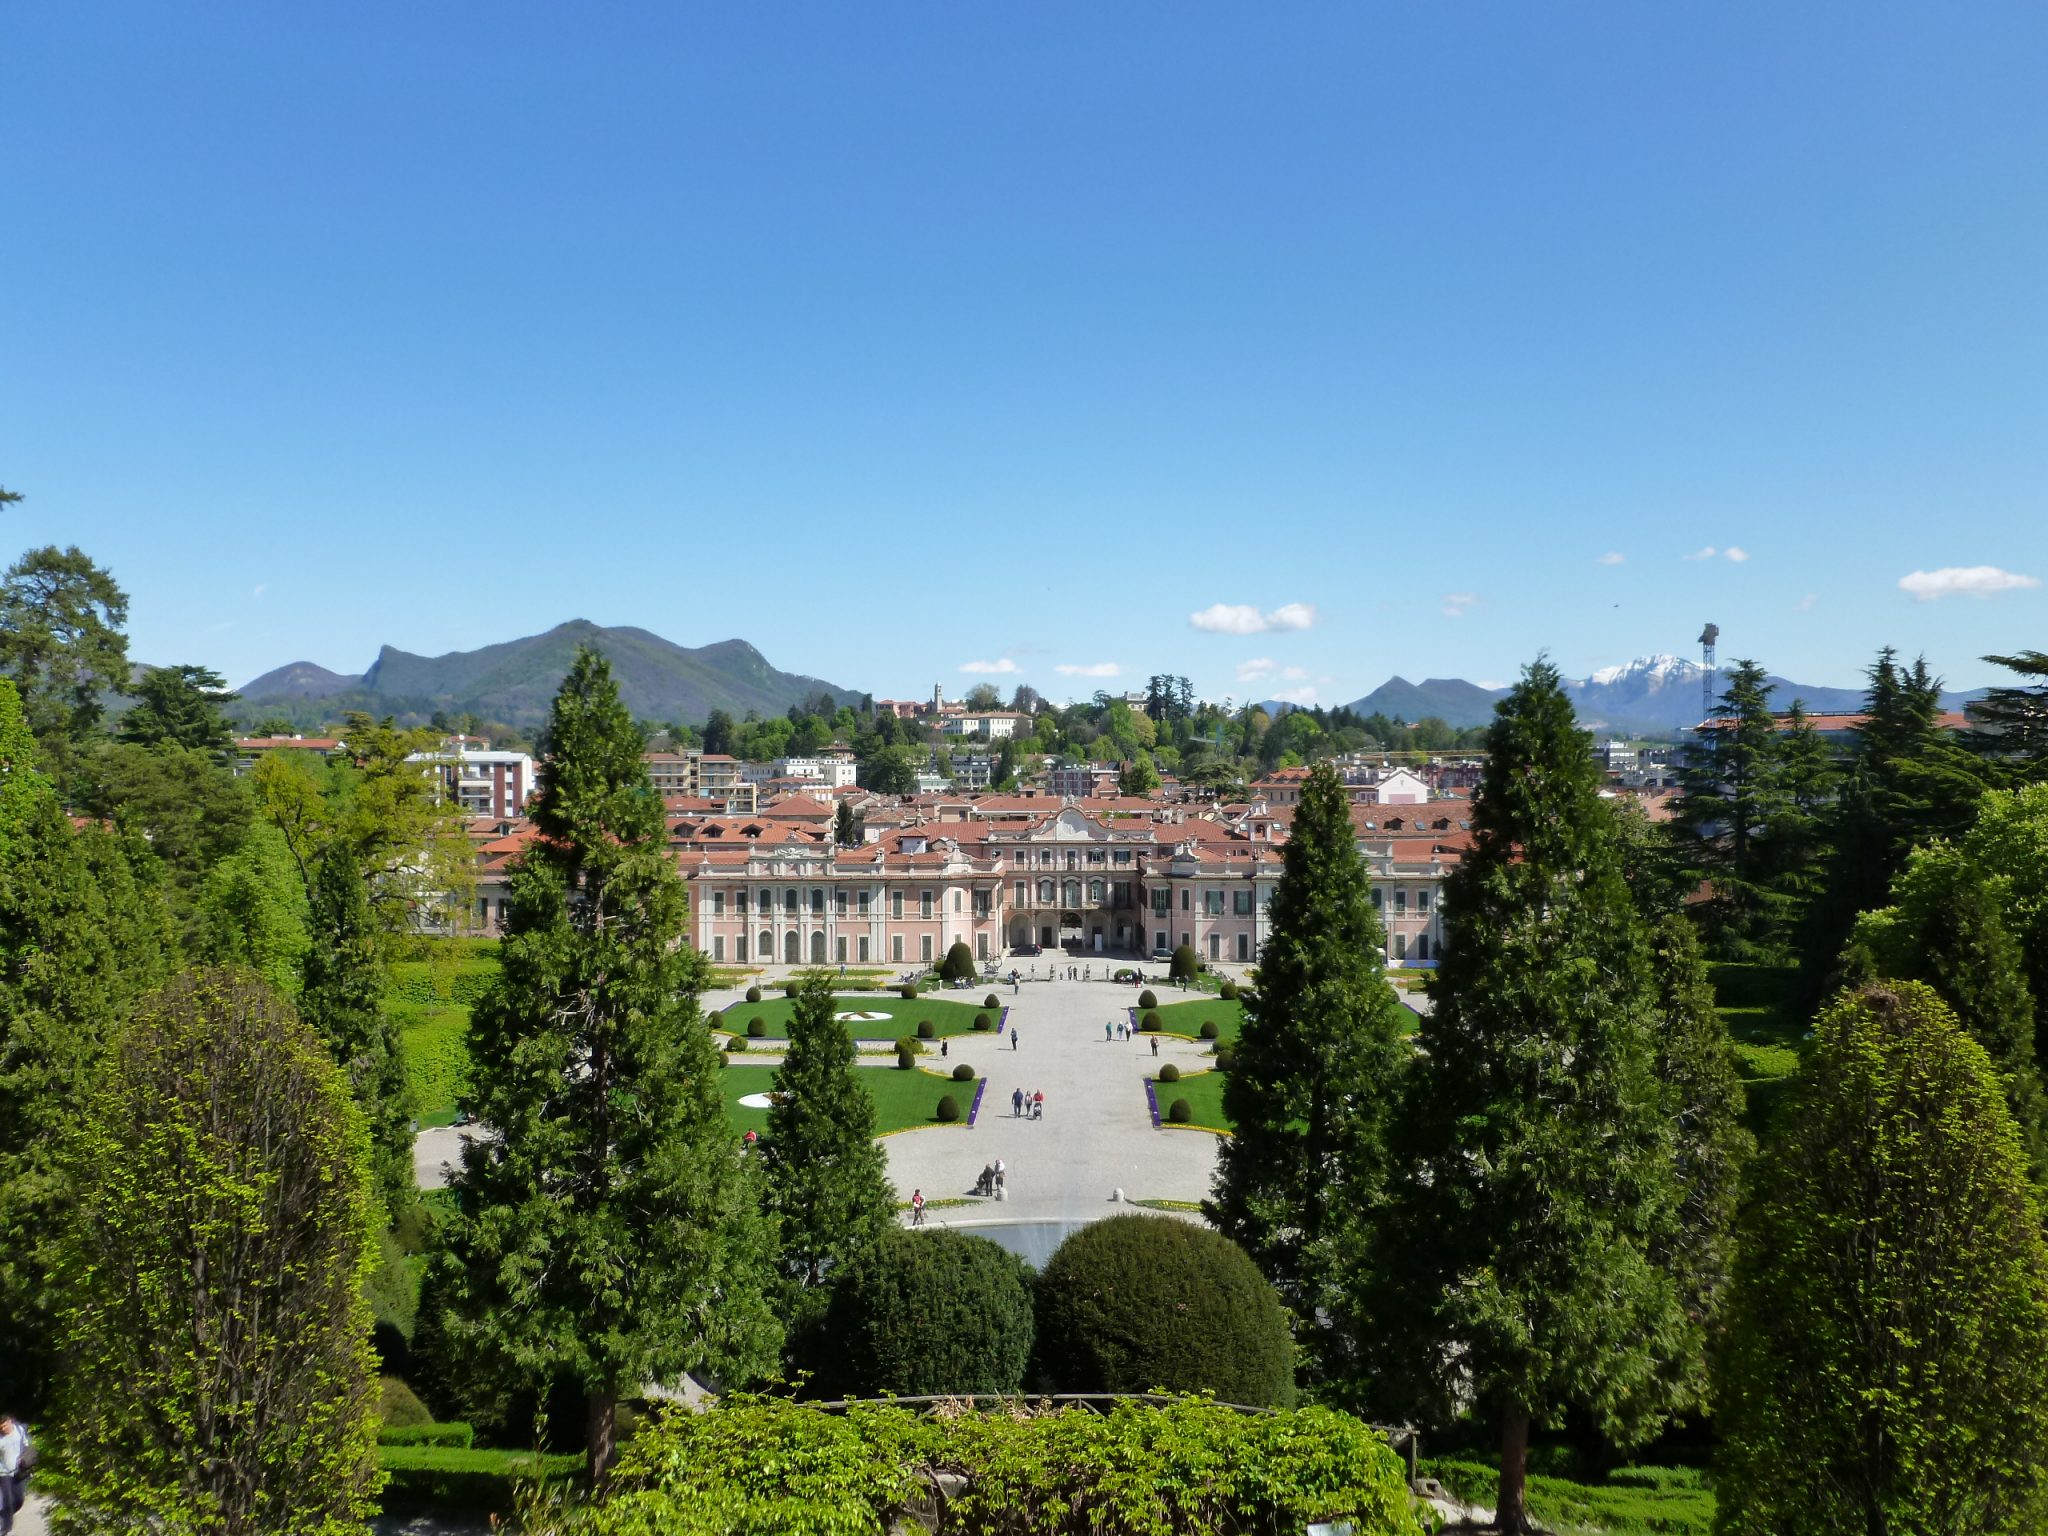 Palazzo_e_giardini_estensi di Varese